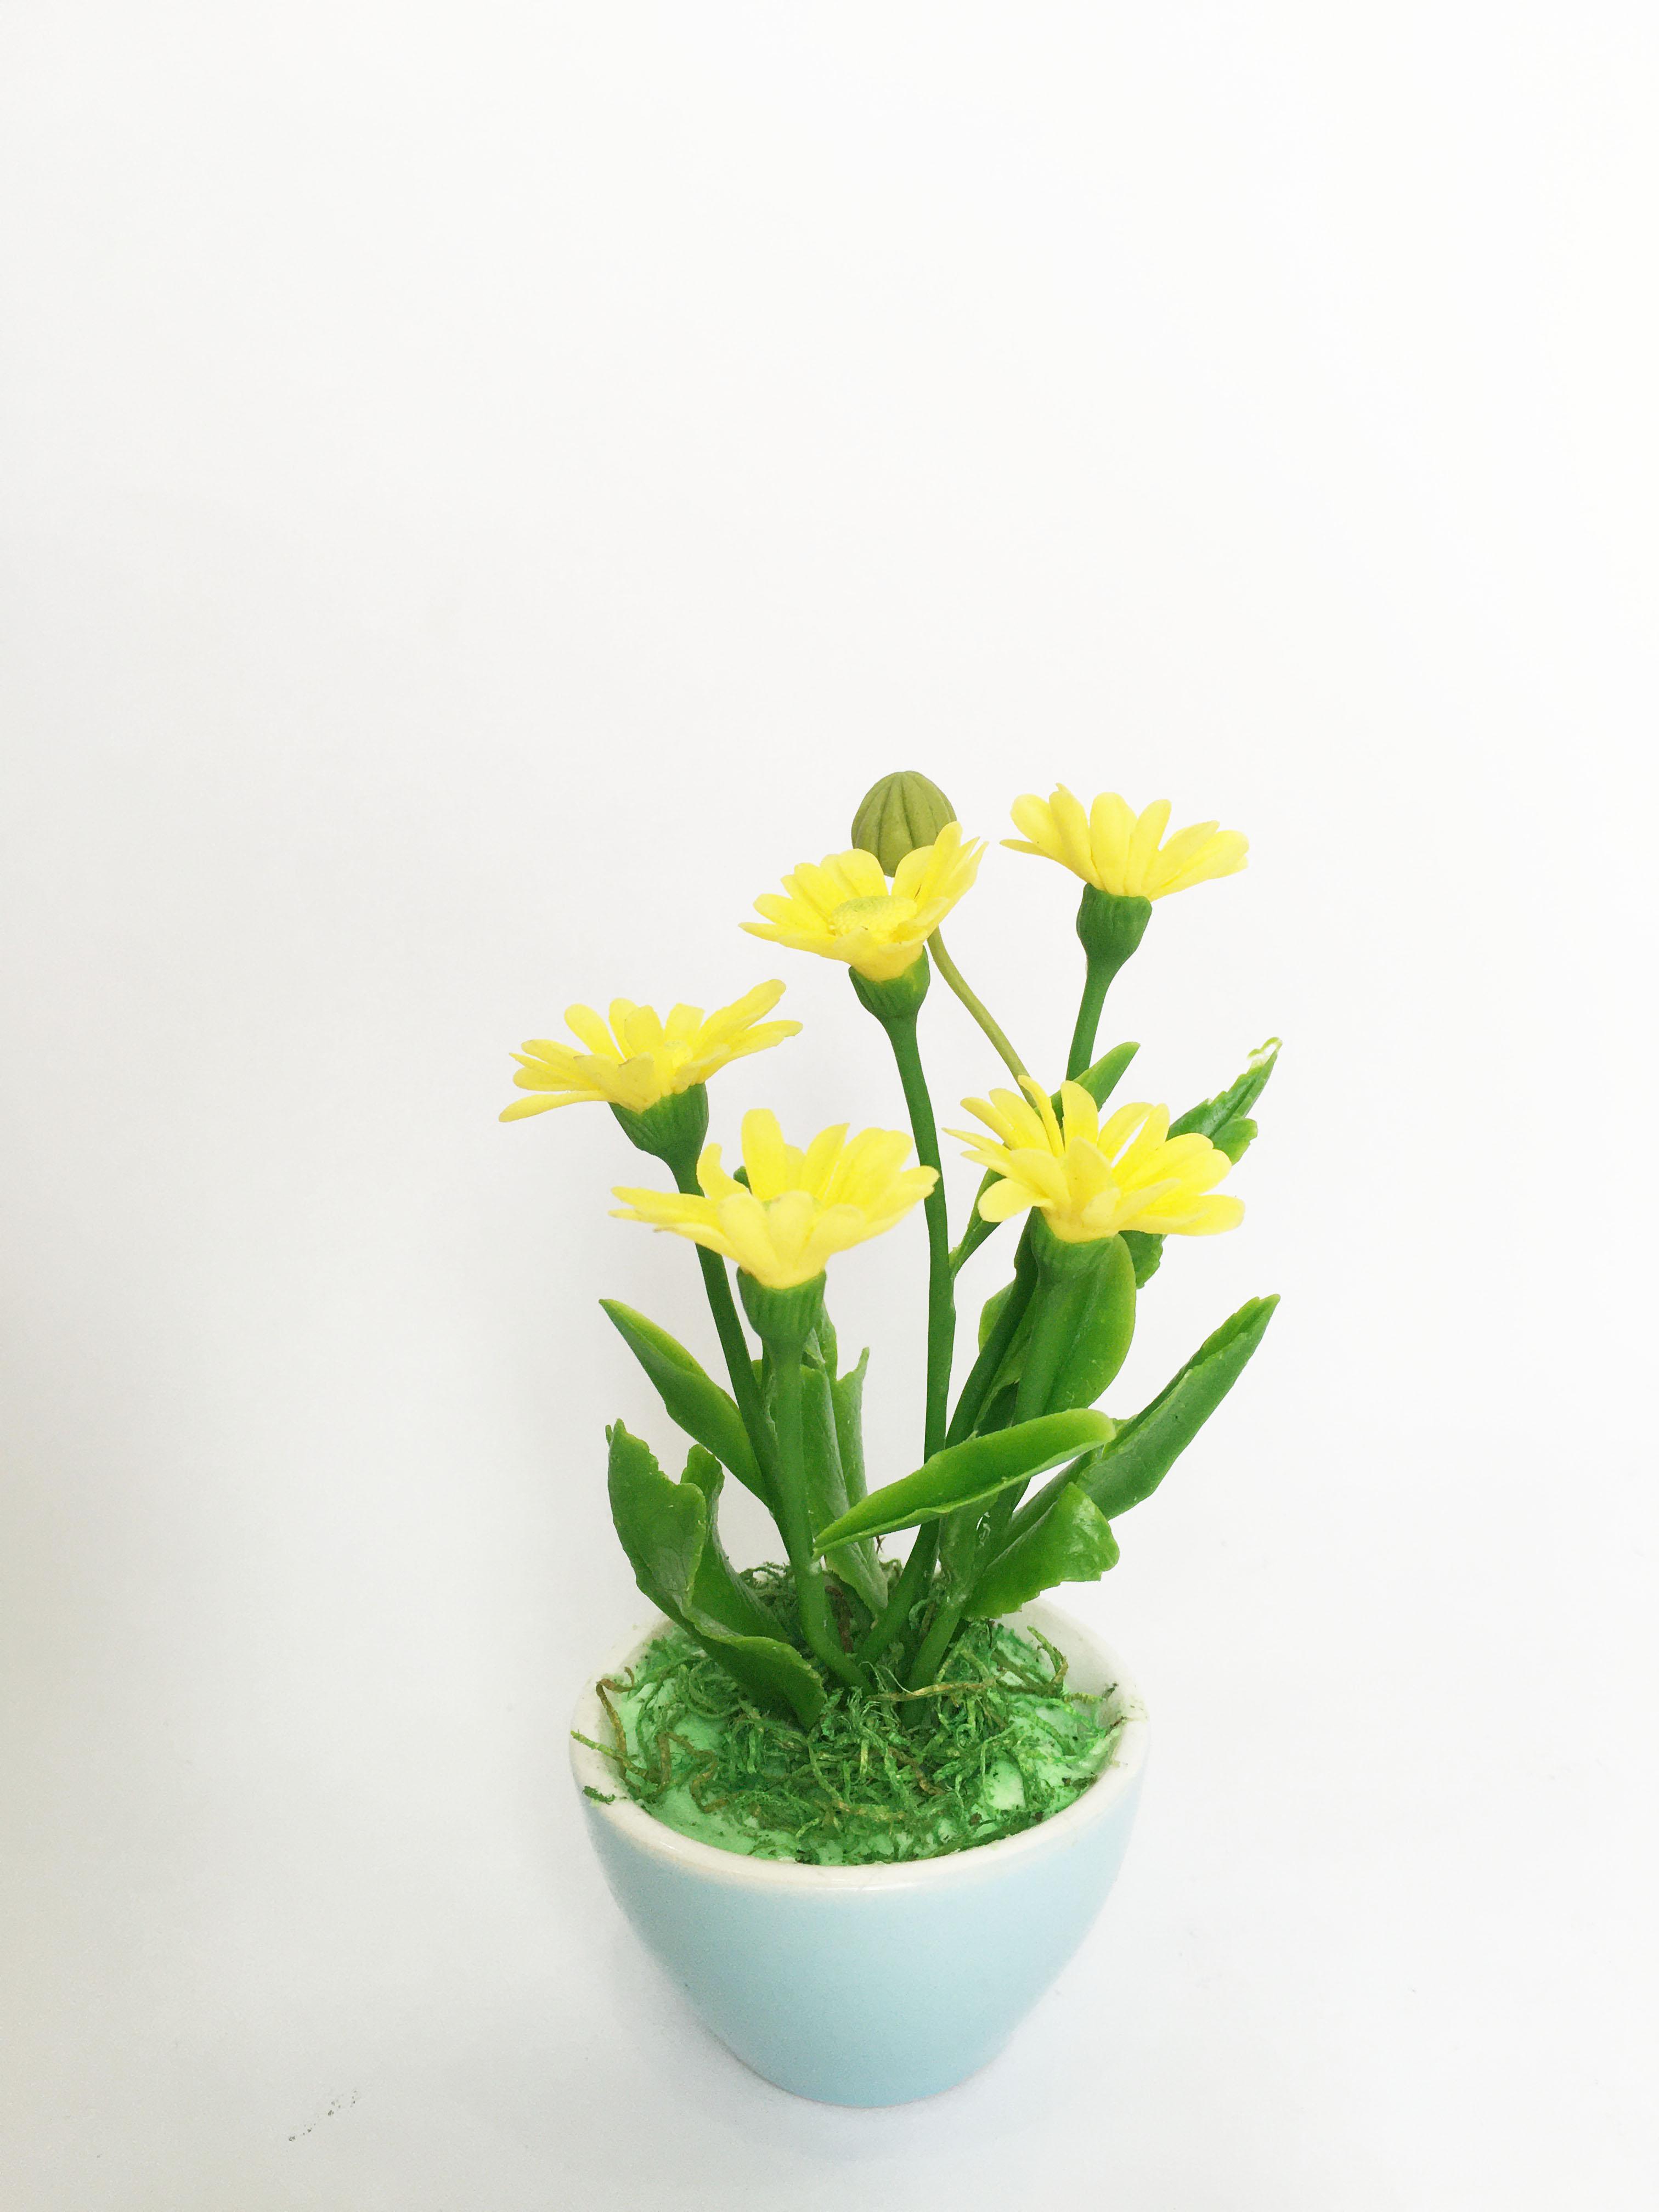 Chậu hoa đất sét mini- Bụi cúc họa mi trong cốc - Quà tặng trang trí handmade (12x8x8cm) (phát màu ngẫu nhiên)